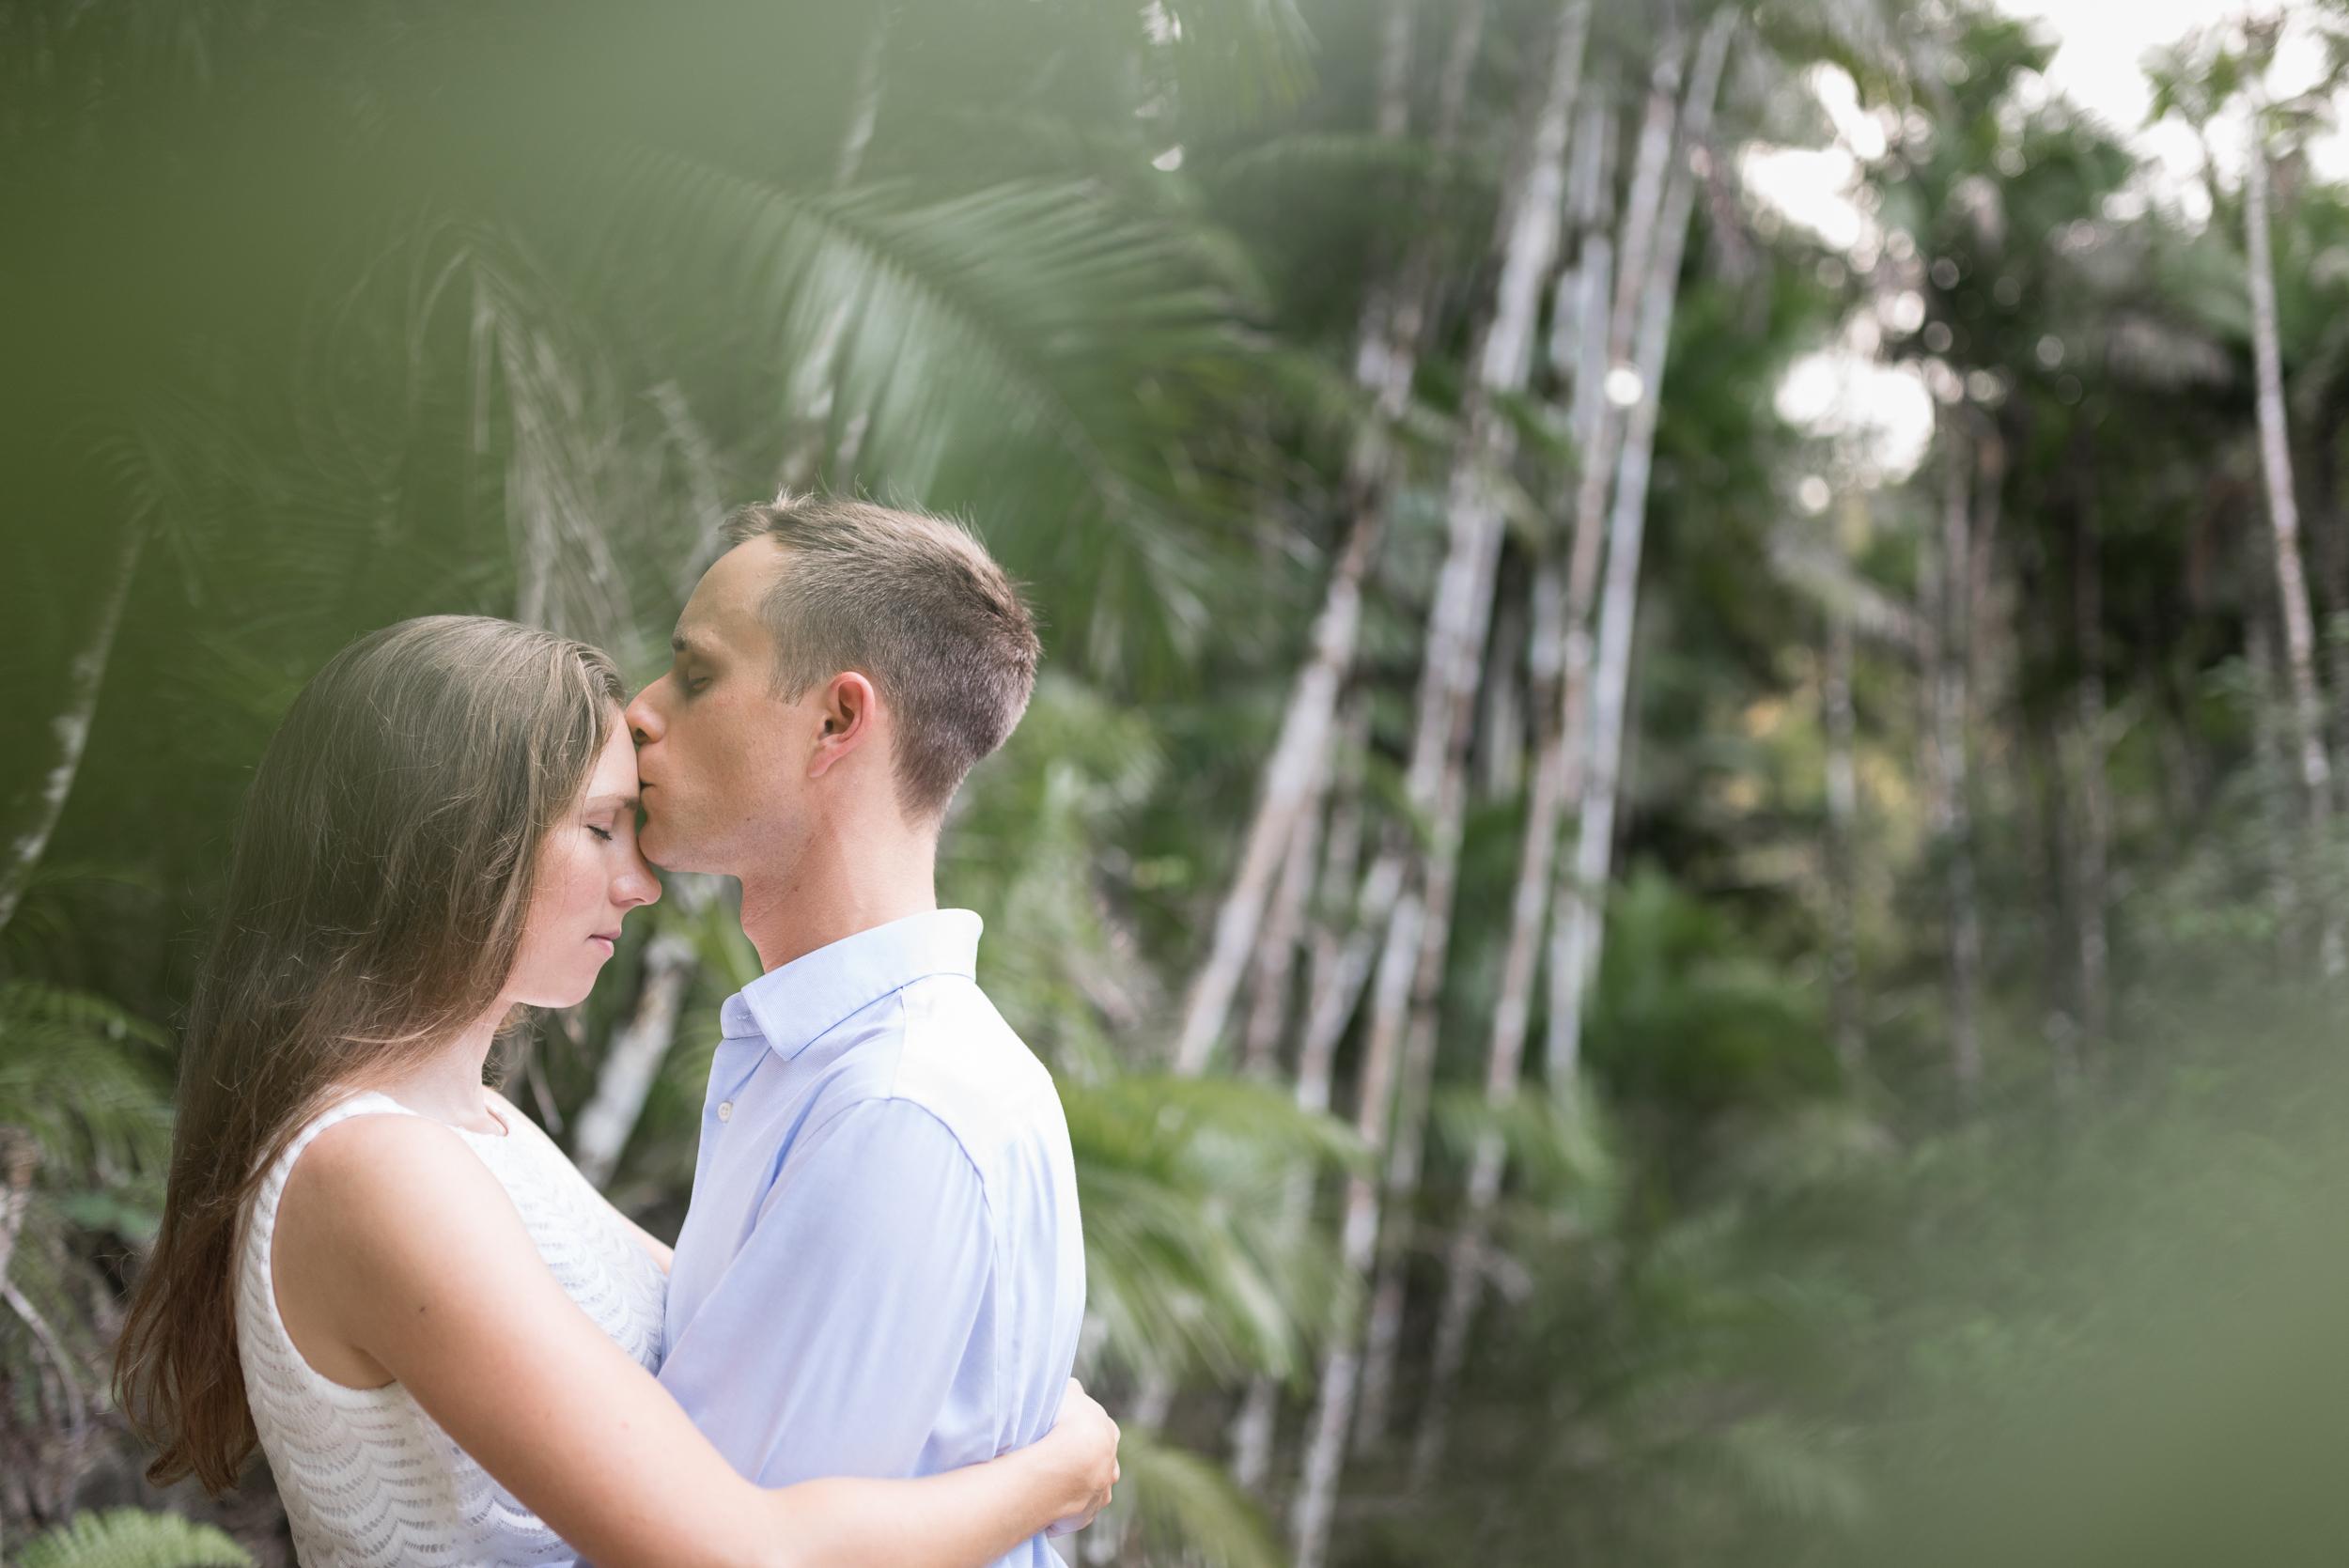 EngagementGuamPhotography-ROXANNEAUGUSTA-16.jpg